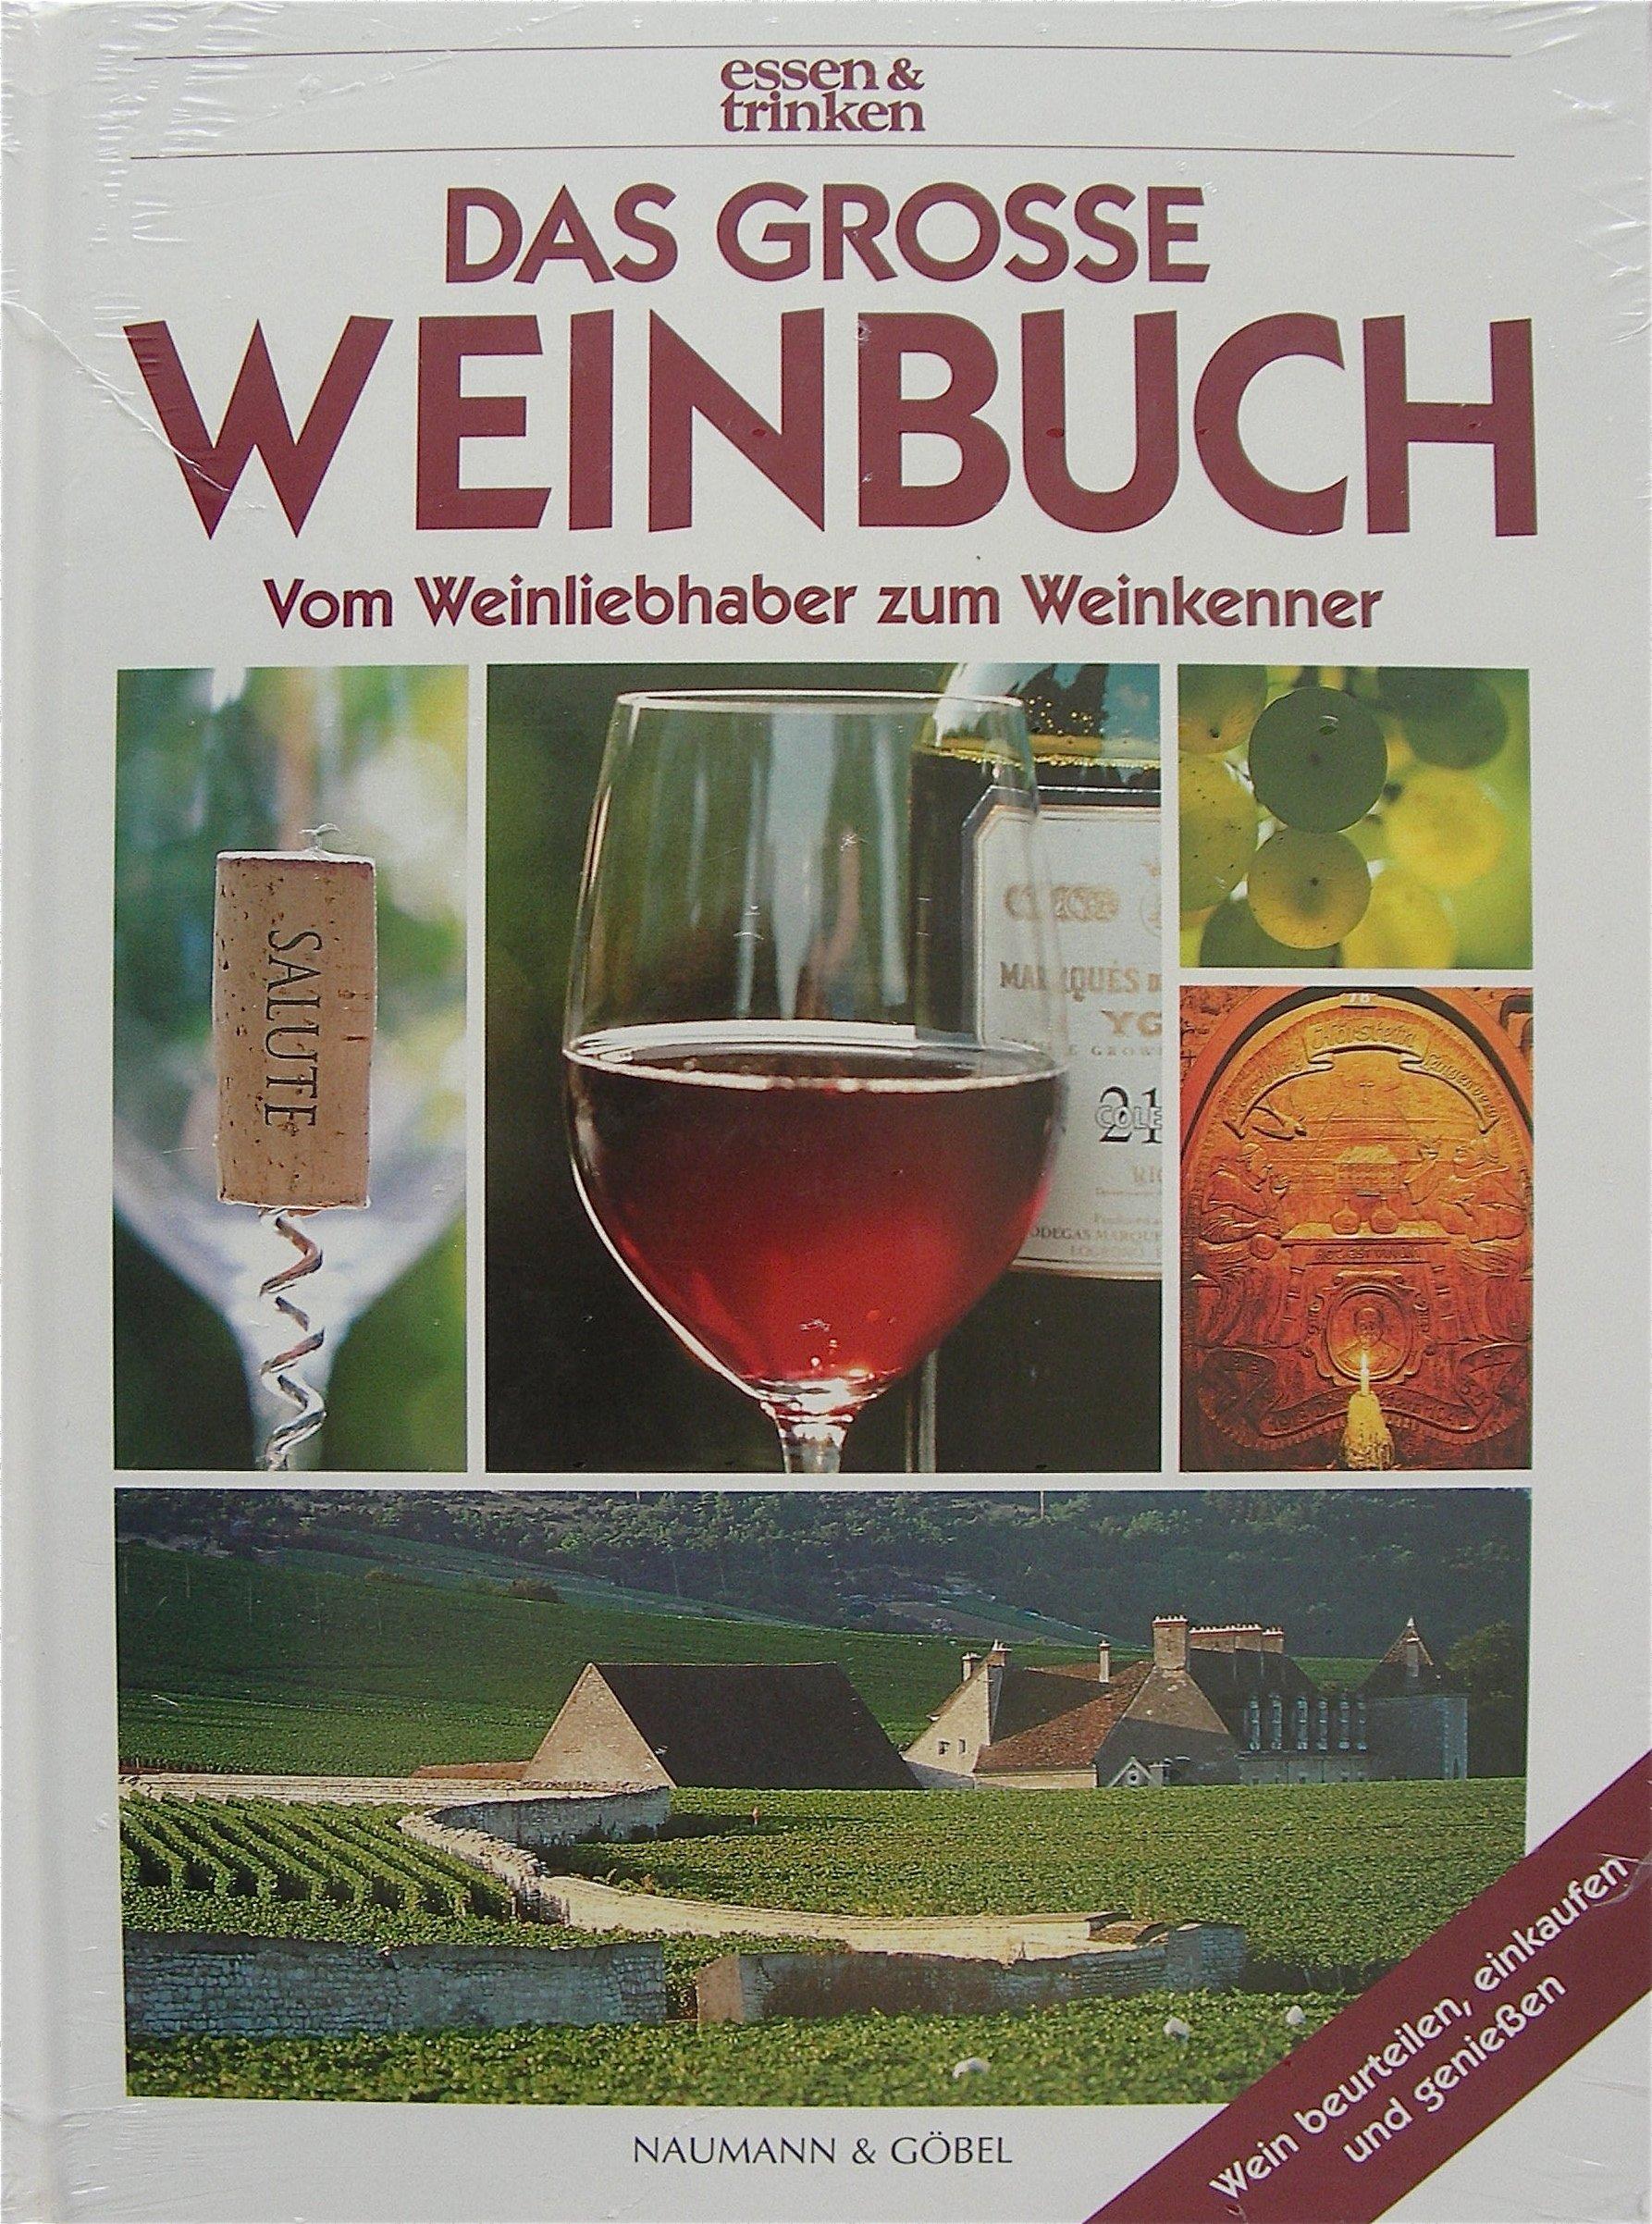 Das große Weinbuch